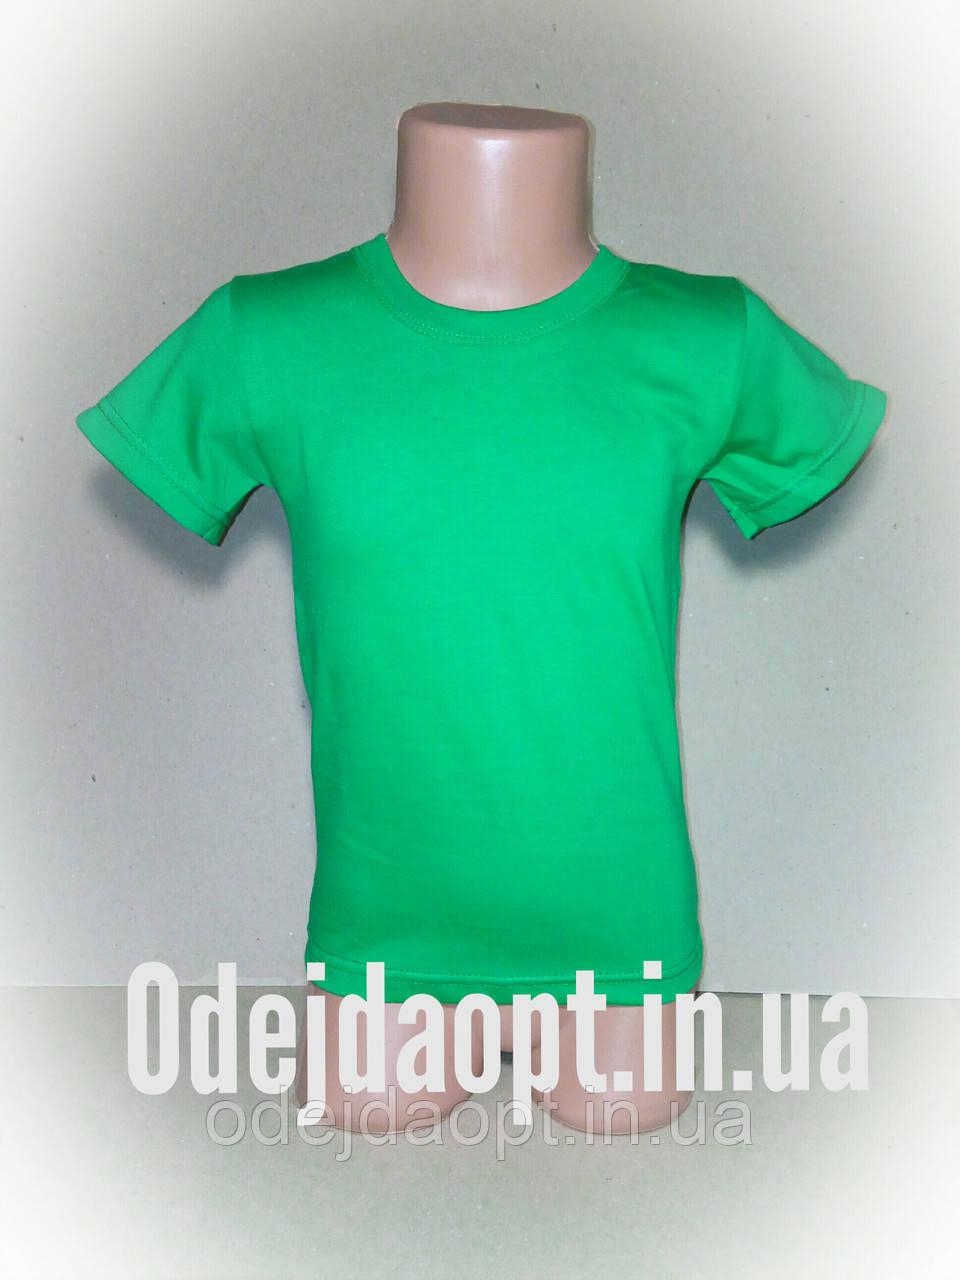 Детская однотонная зеленая футболка 2,3,4,5,6,7,8,9,10,11 12,13,14,15 лет